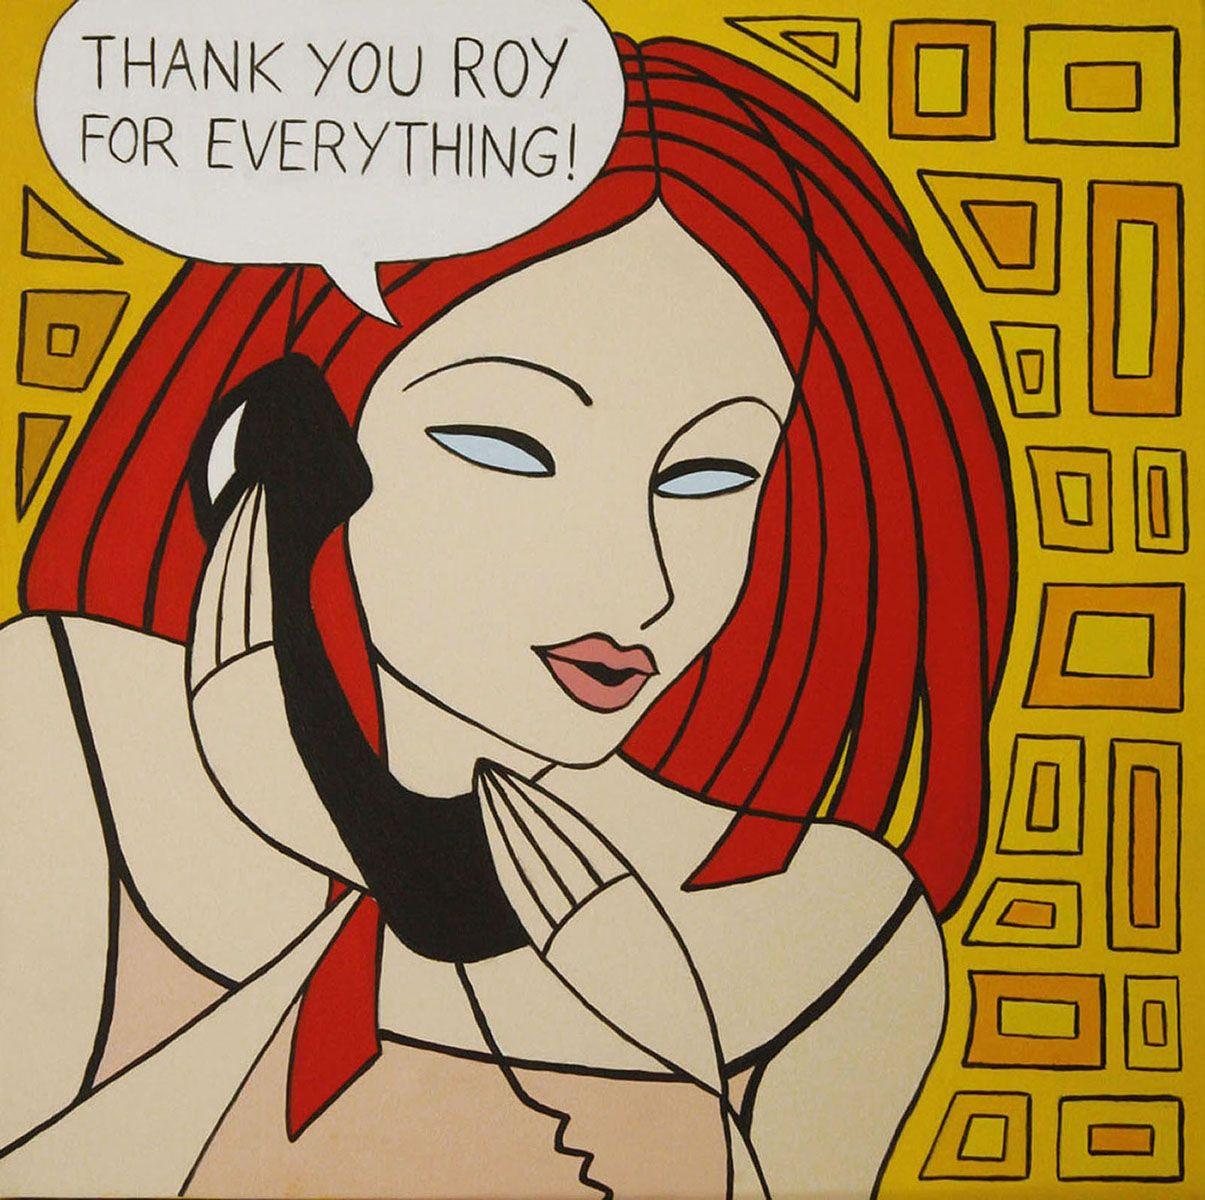 Telefonata a Roy (Phone call to Roy), acrylic on canvas, 50x50cm, 2012